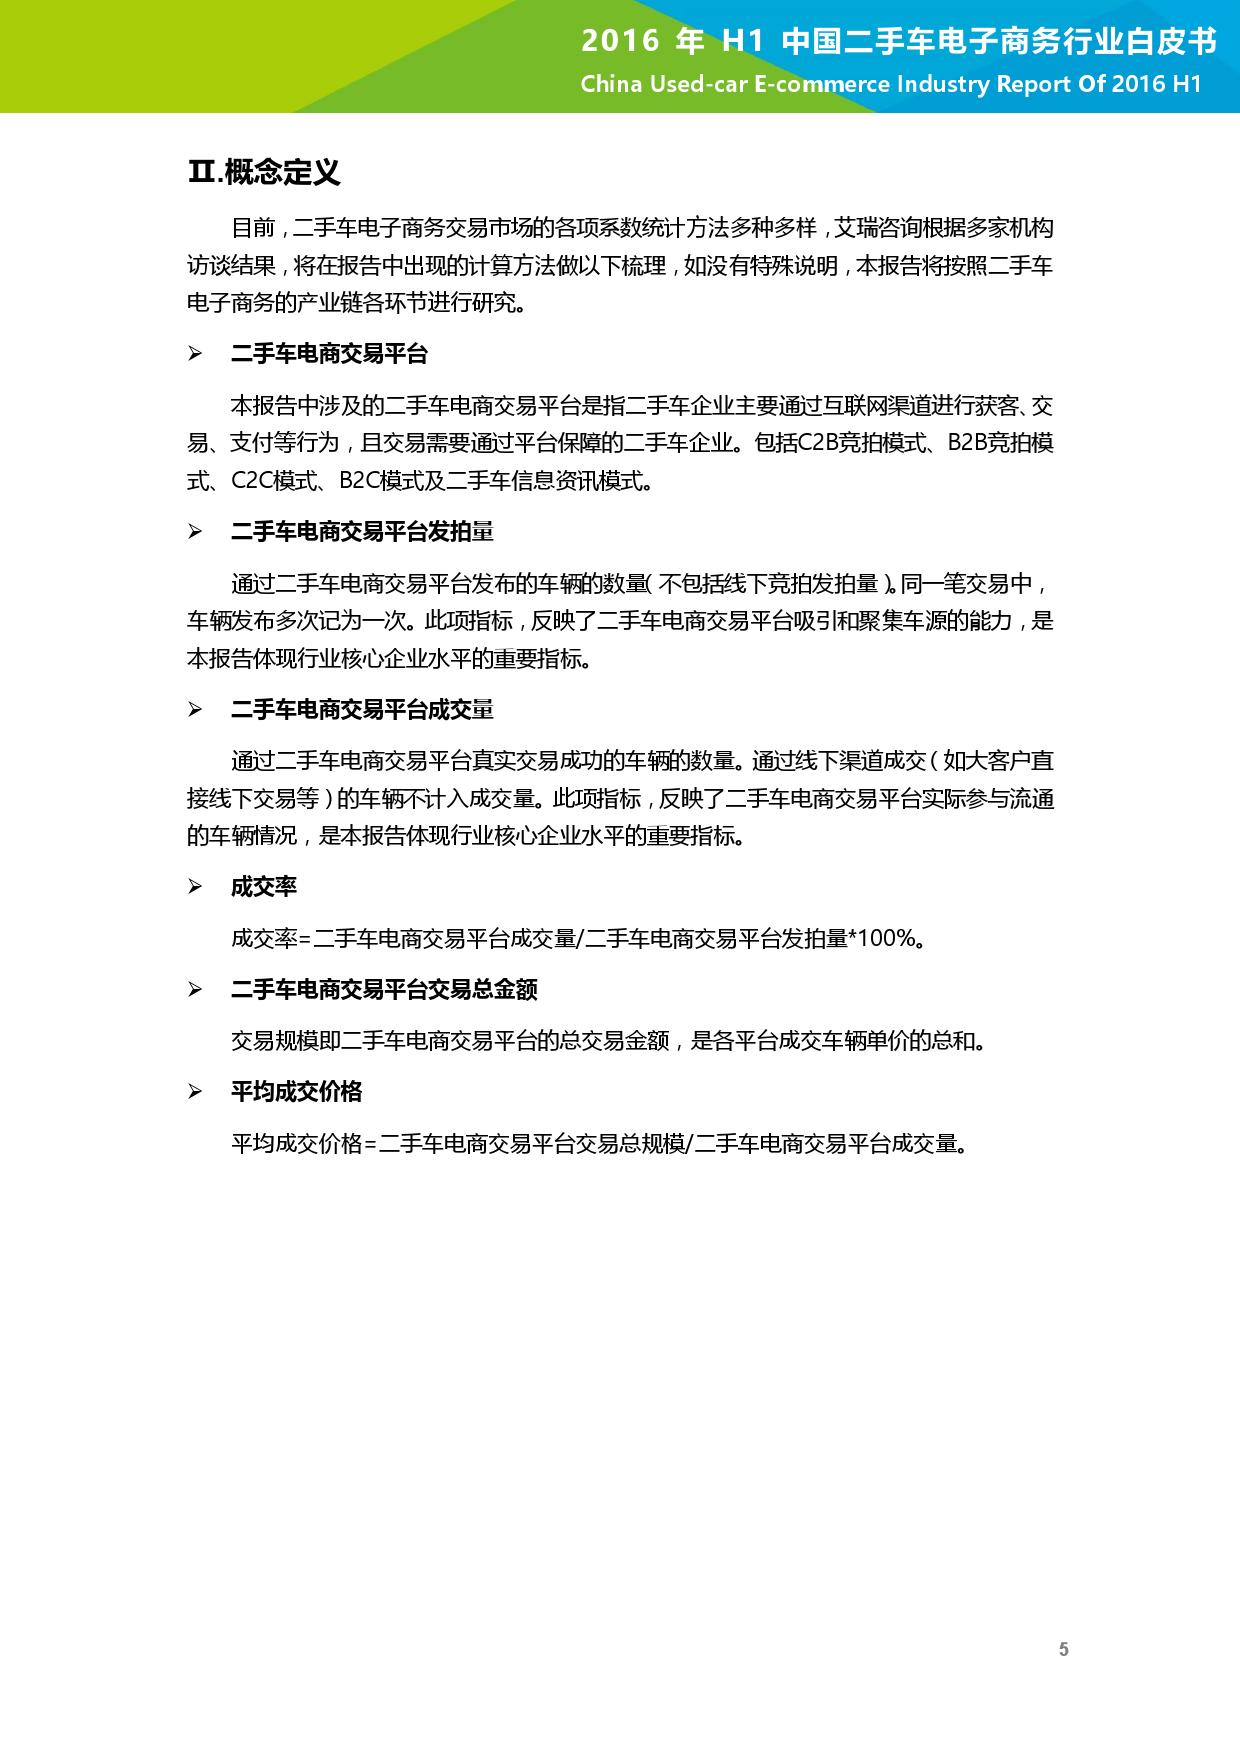 2016年H1中国二手车电子商务行业白皮书_000006